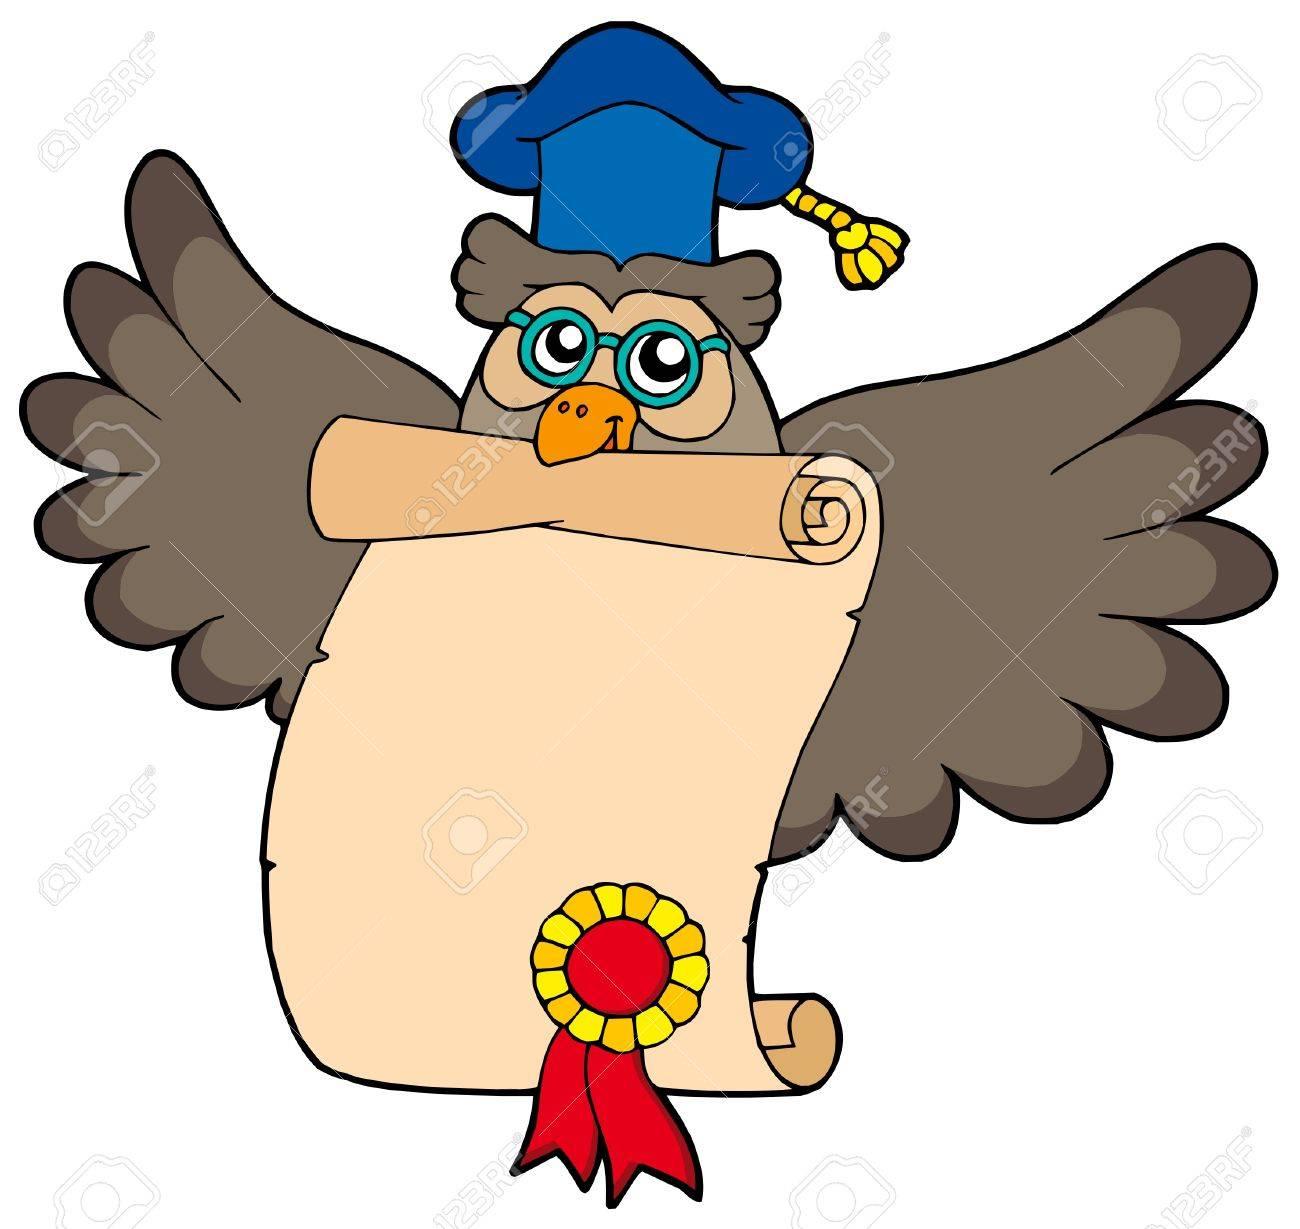 Owl teacher with diploma - vector illustration. Stock Vector - 4762378